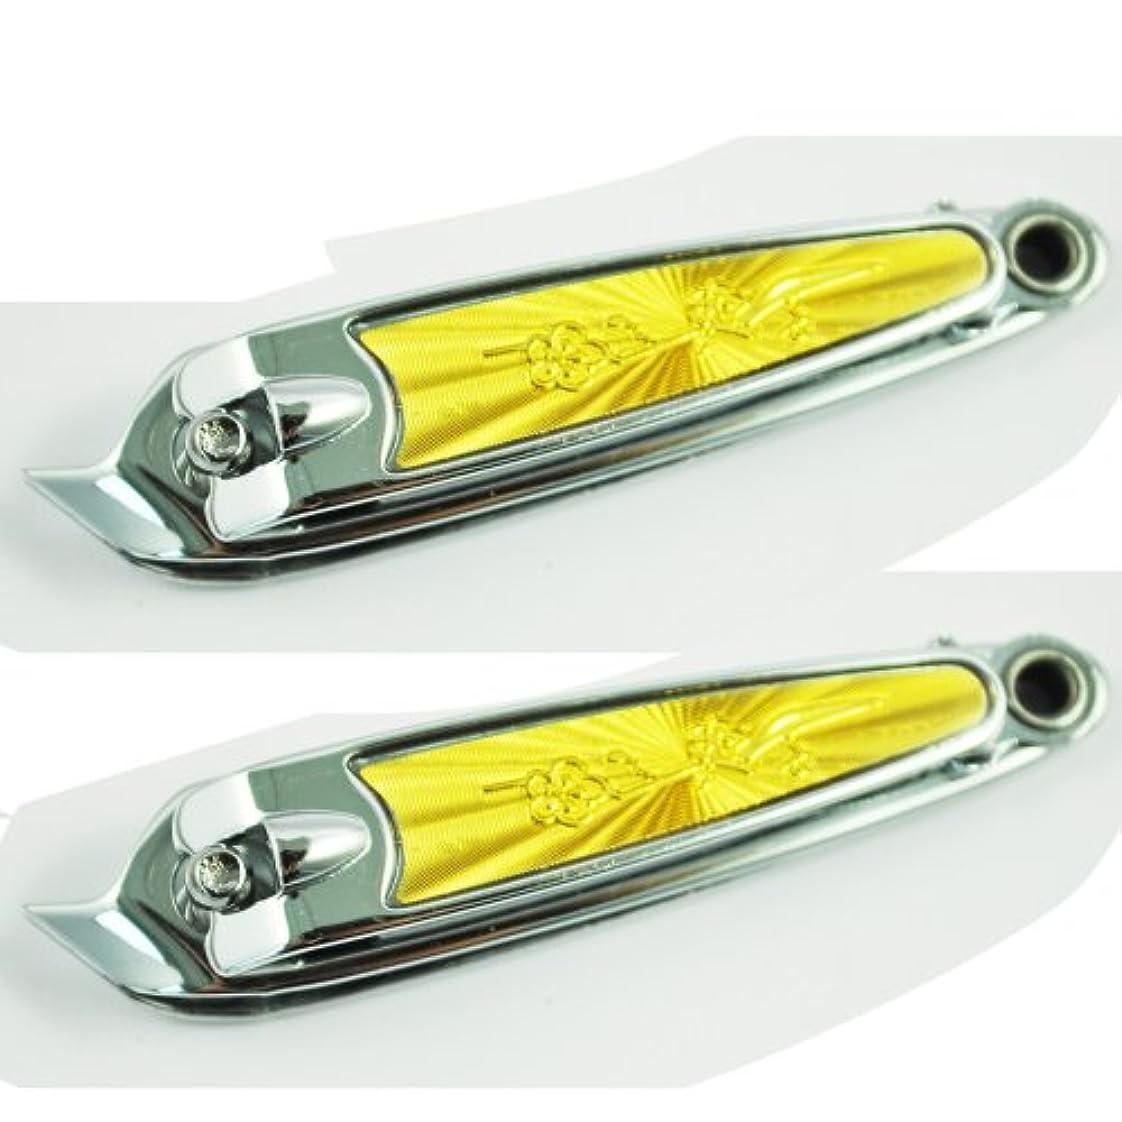 揃える揃える自己ツメ切り,SODIAL(R) 斜め口デザインフィンガーネイルクリッパーカッターx2